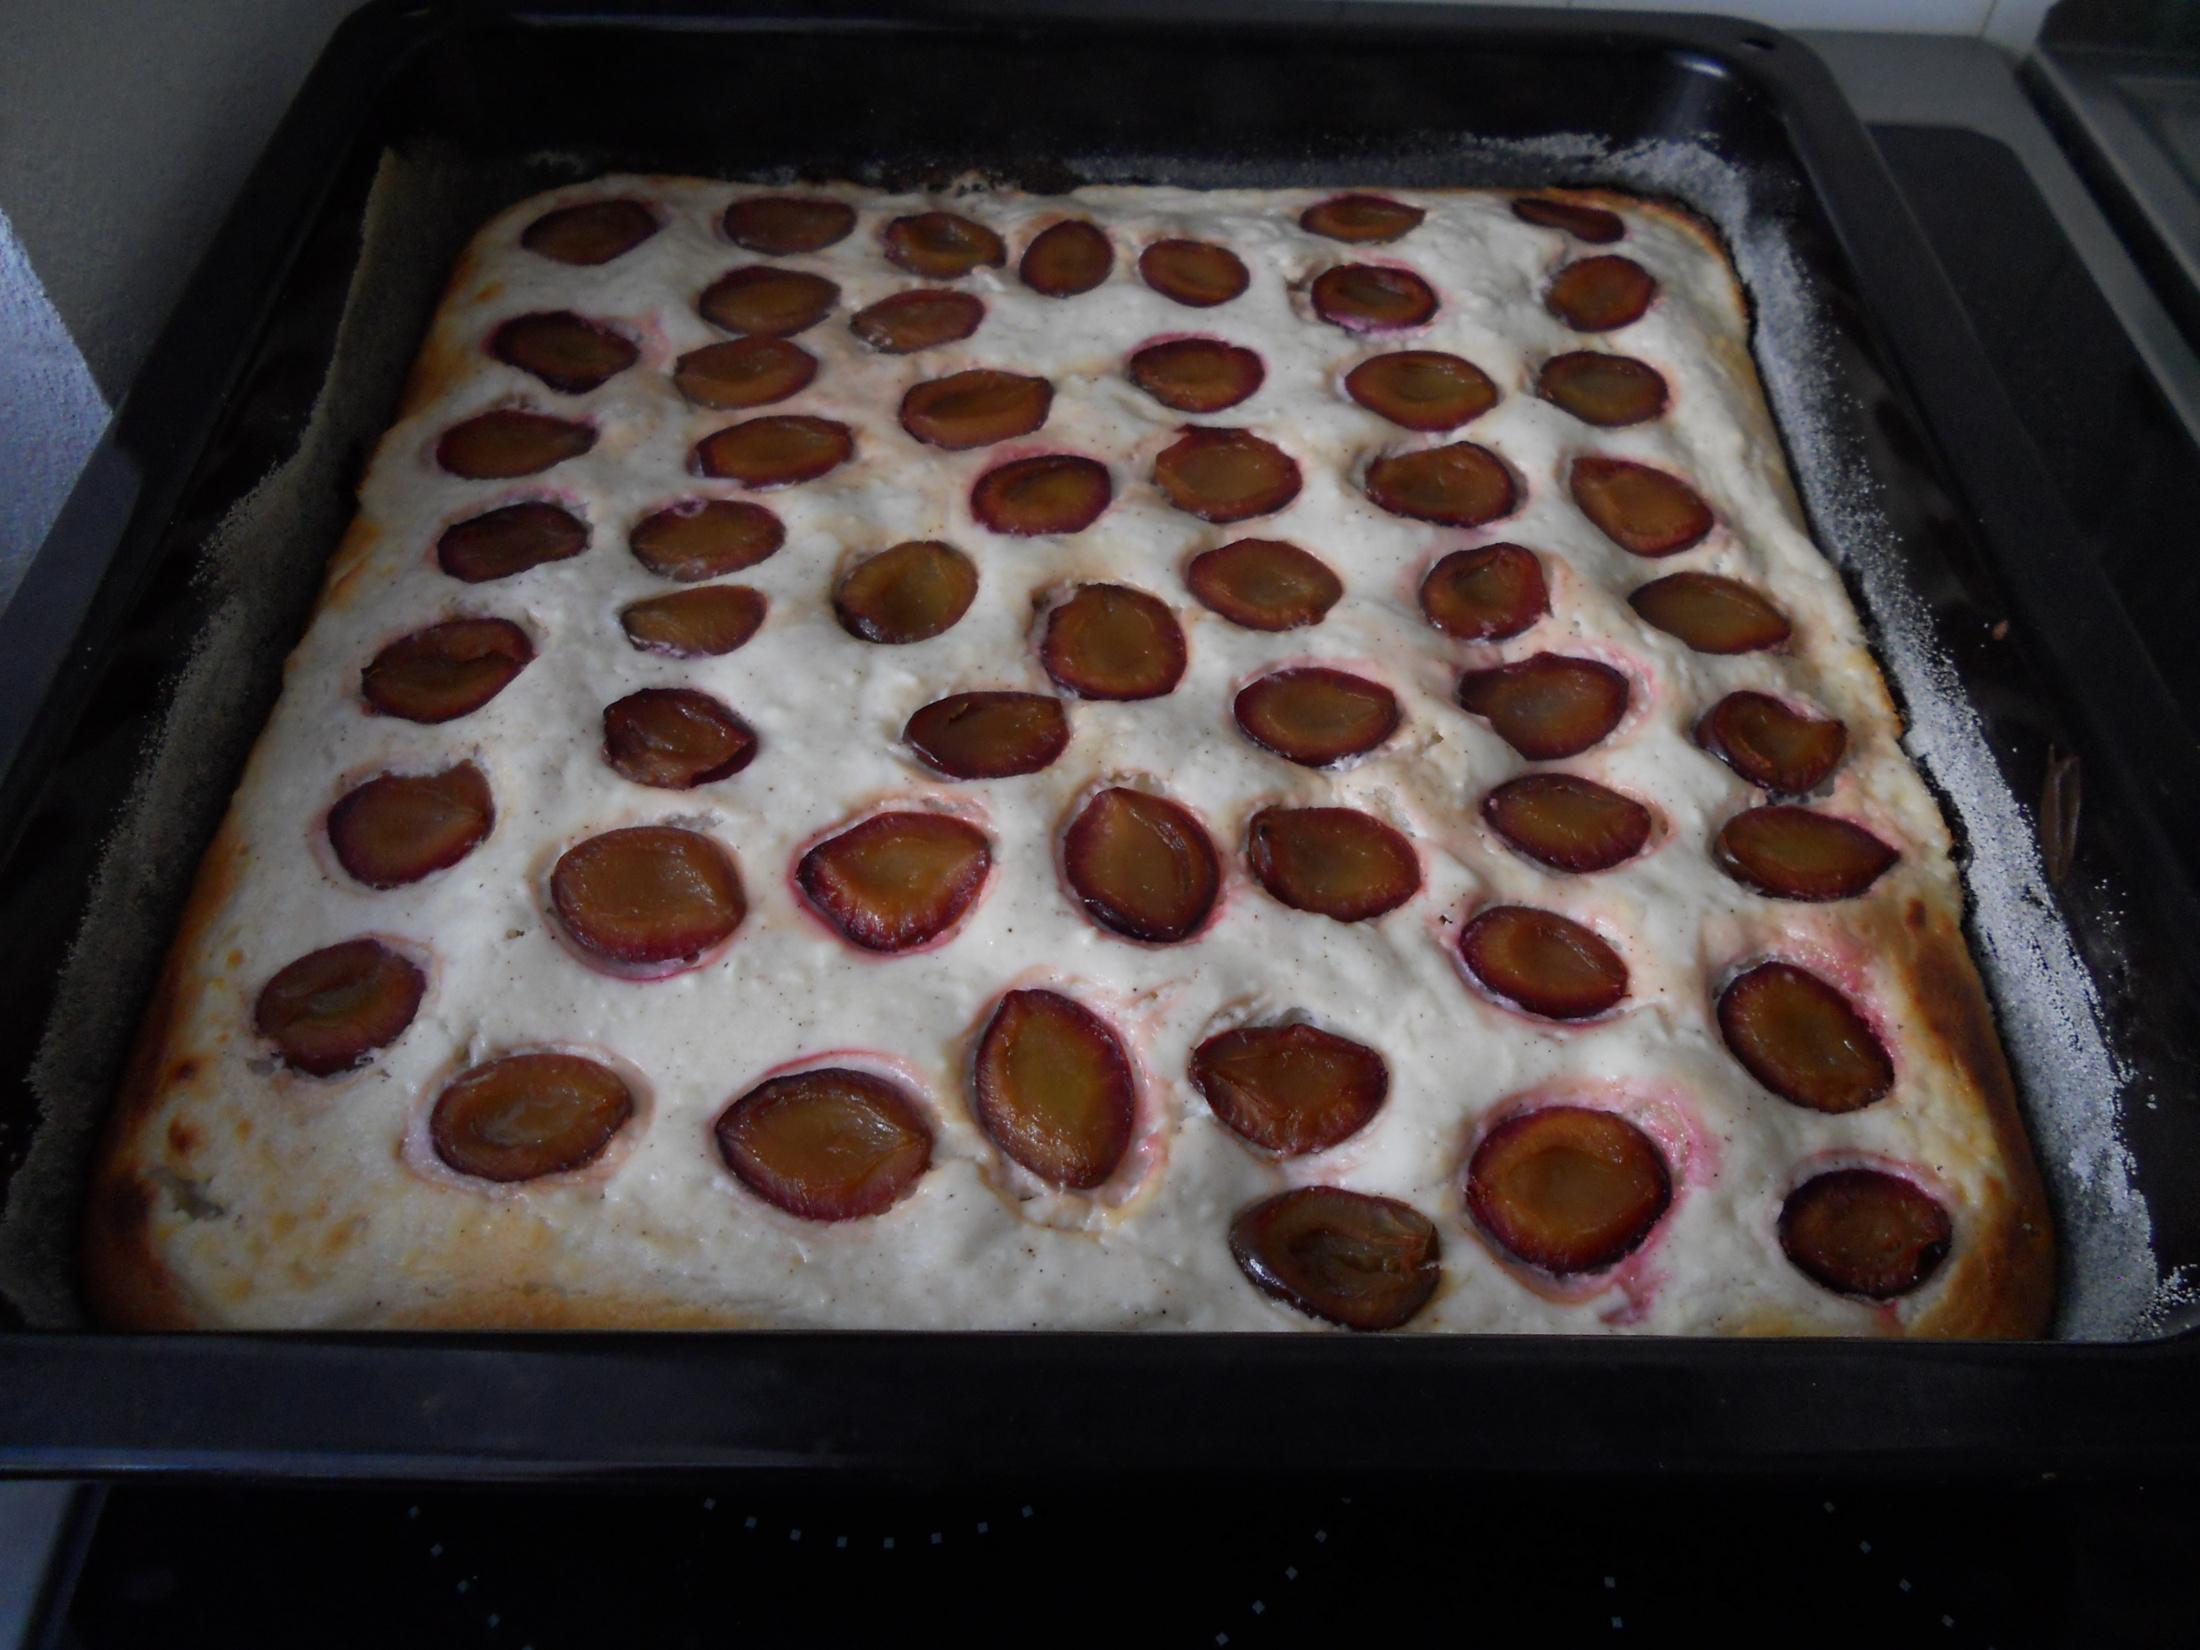 Recept Rychlý koláč s tvarohem a jahodami - Rychlý koláč s tvarohem a jahodami - varianta se švestkami - dobrota.